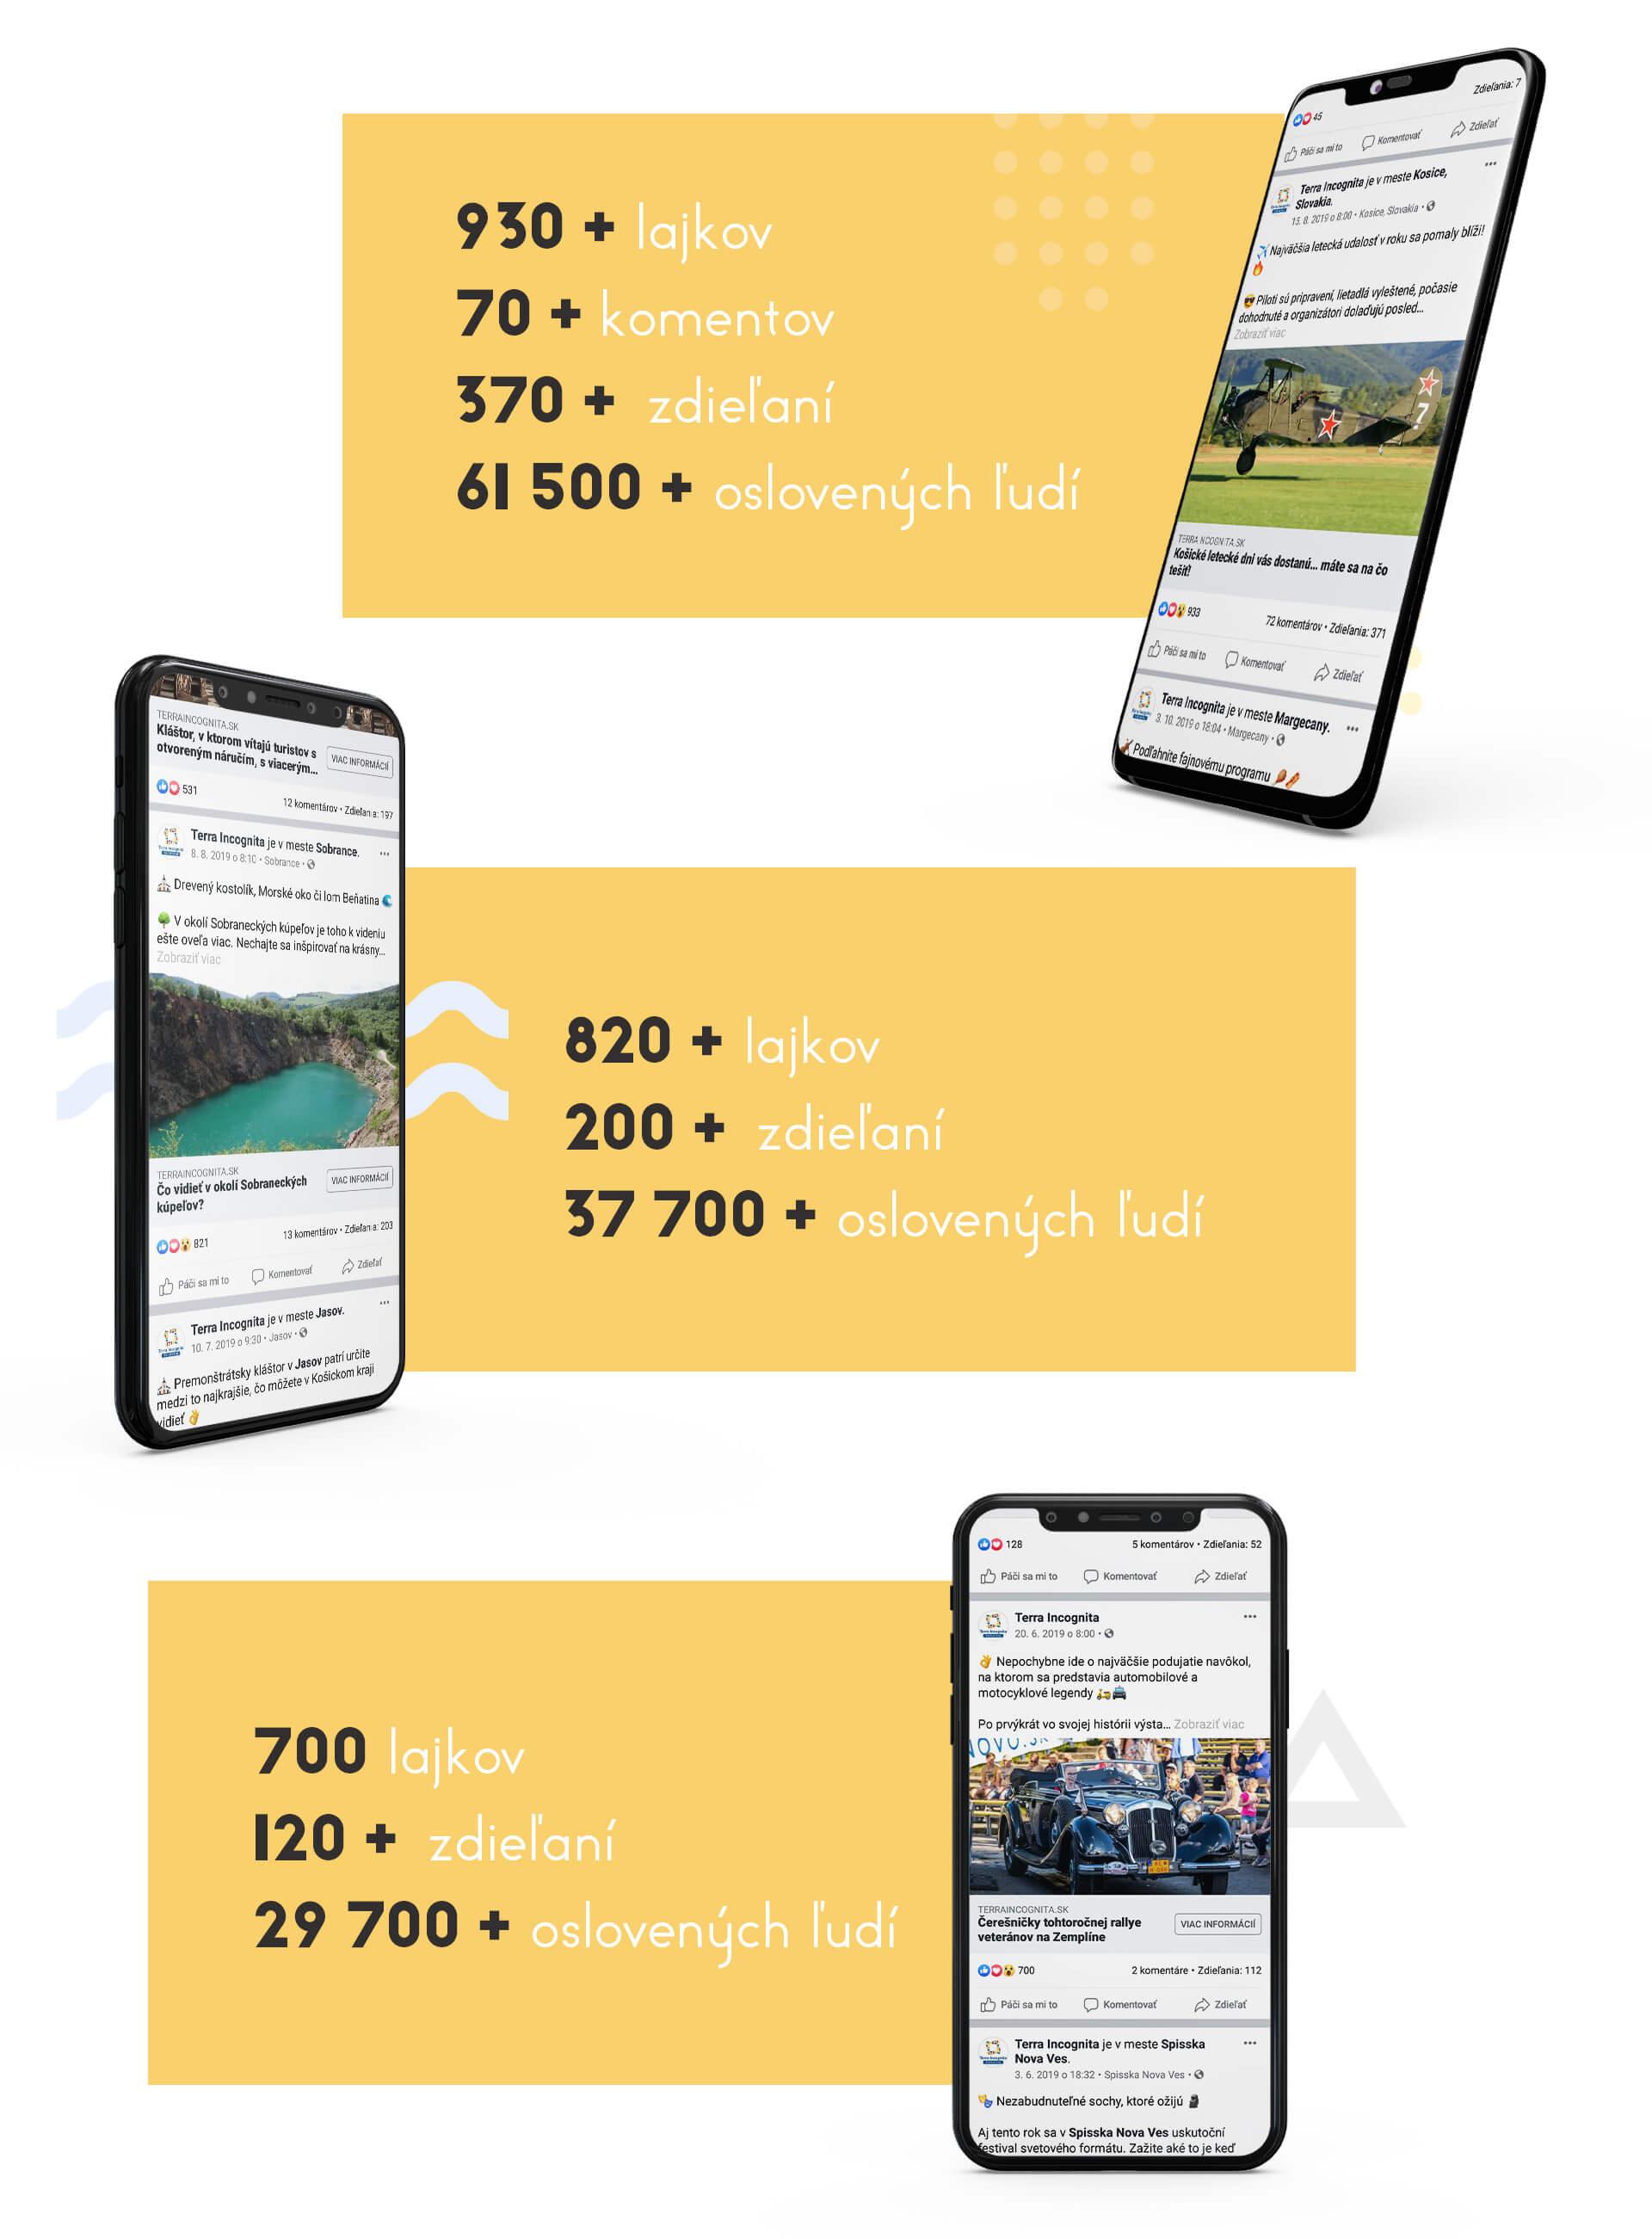 Online marketing sociálnych sieti turizmus marketingová agentúra